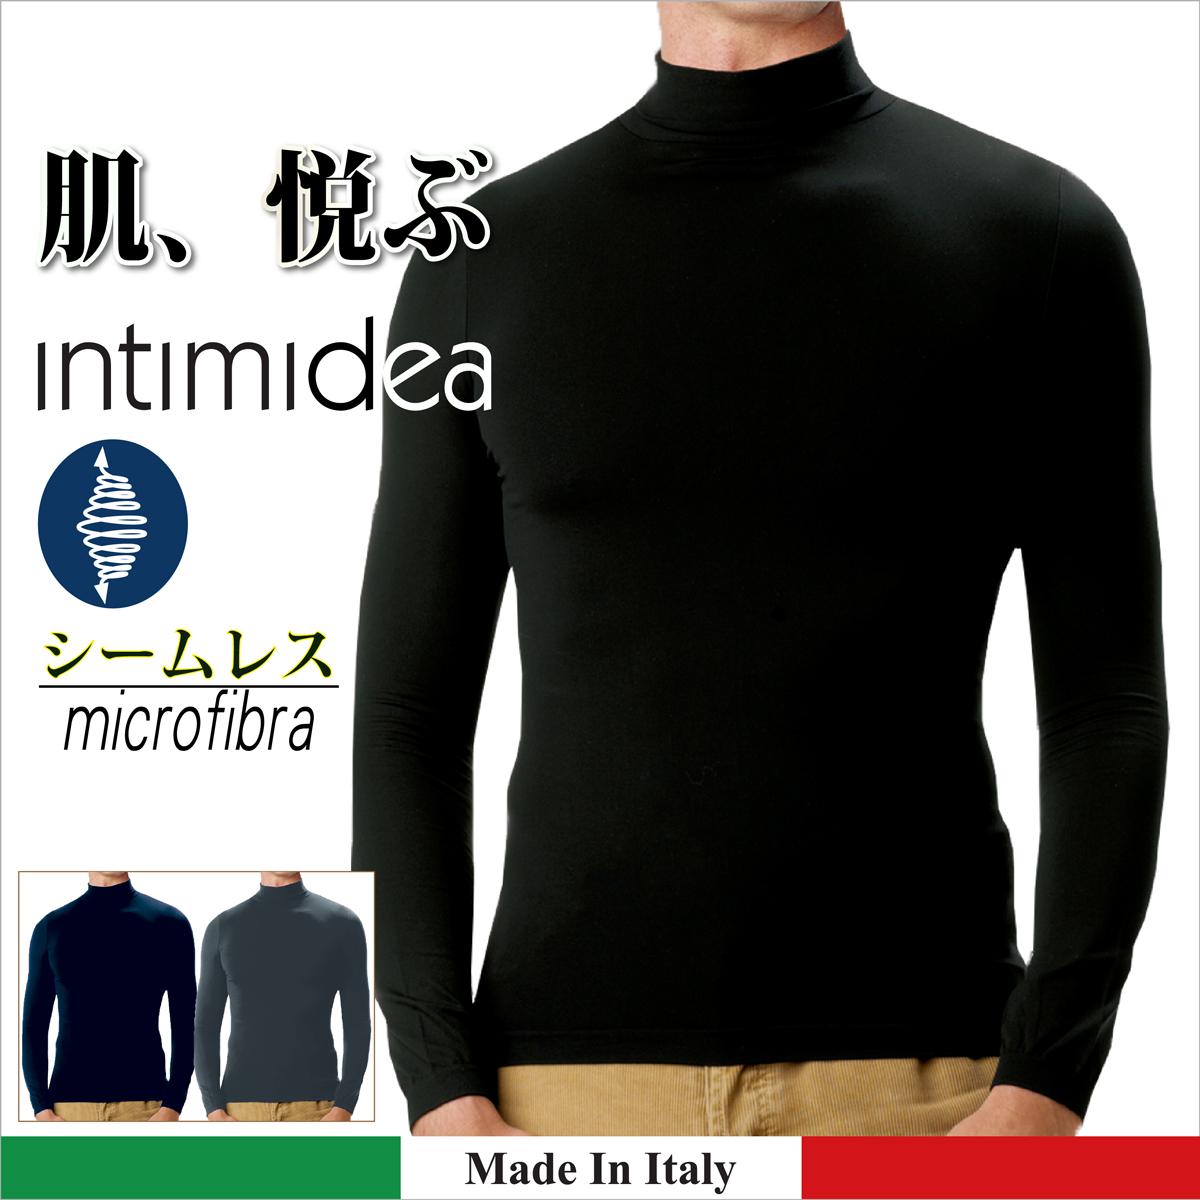 ノルマン メンズ INTIMIDEA Men's イタリア製 国内即発送 メンズインナーウェア 直輸入 Men'sbasicman ハイネック長袖 激安卸販売新品 インティミディア ウオモ 差がつくインナー イタリアンテイスト 快適なフィット感